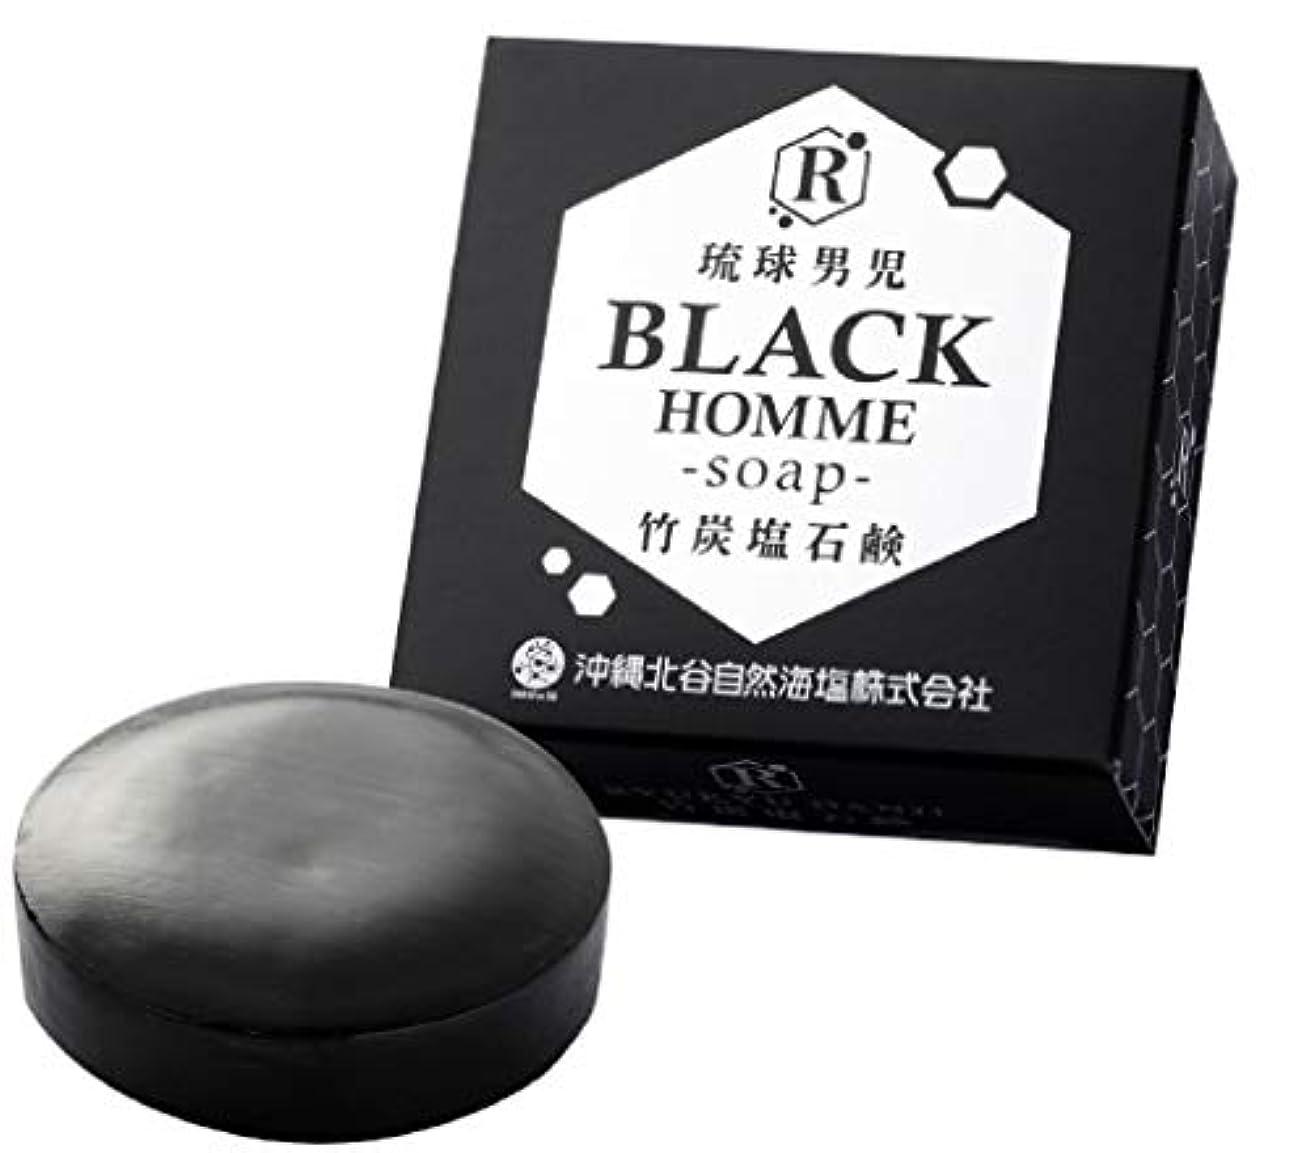 熟達持参餌【2個セット】琉球男児 竹炭塩石鹸 BLACK HOMME-soap- 60g 泡立てネット付き